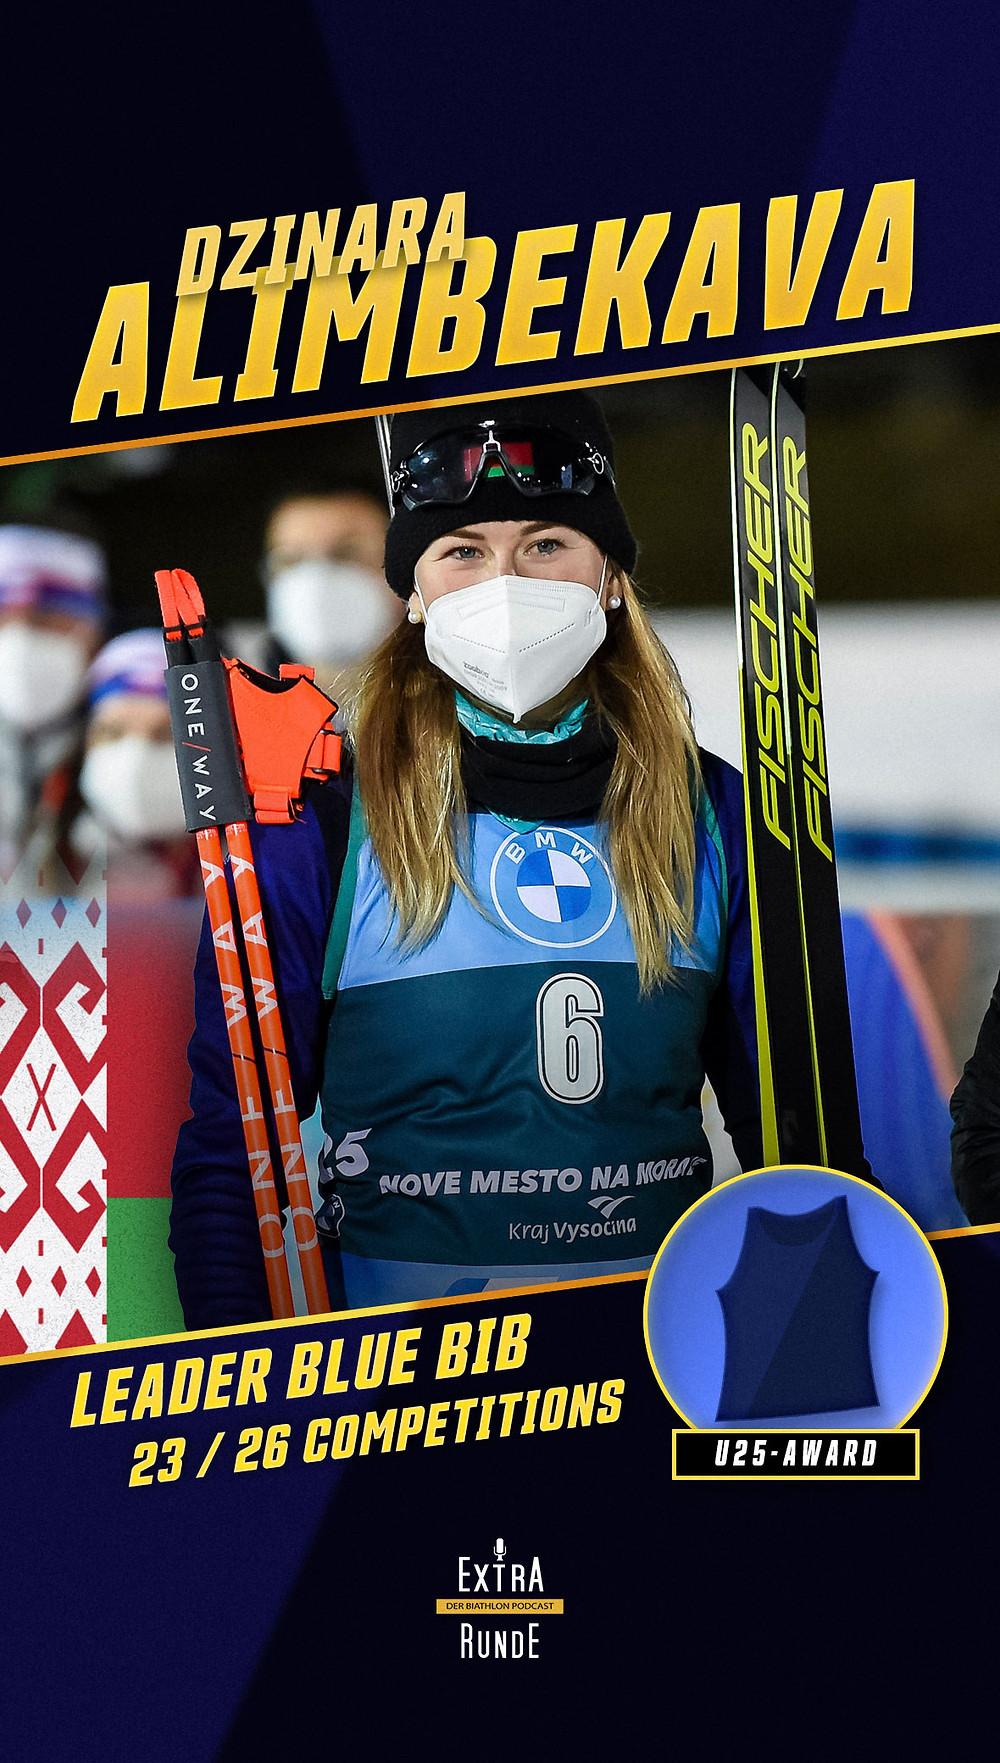 Dzinara Alimbekava führt in der Biathlon Wertung der Punktbesten unter 25 Jahren vor Marketa Davidova, Ingrid Landmark Tandrevold und Julia Simon.